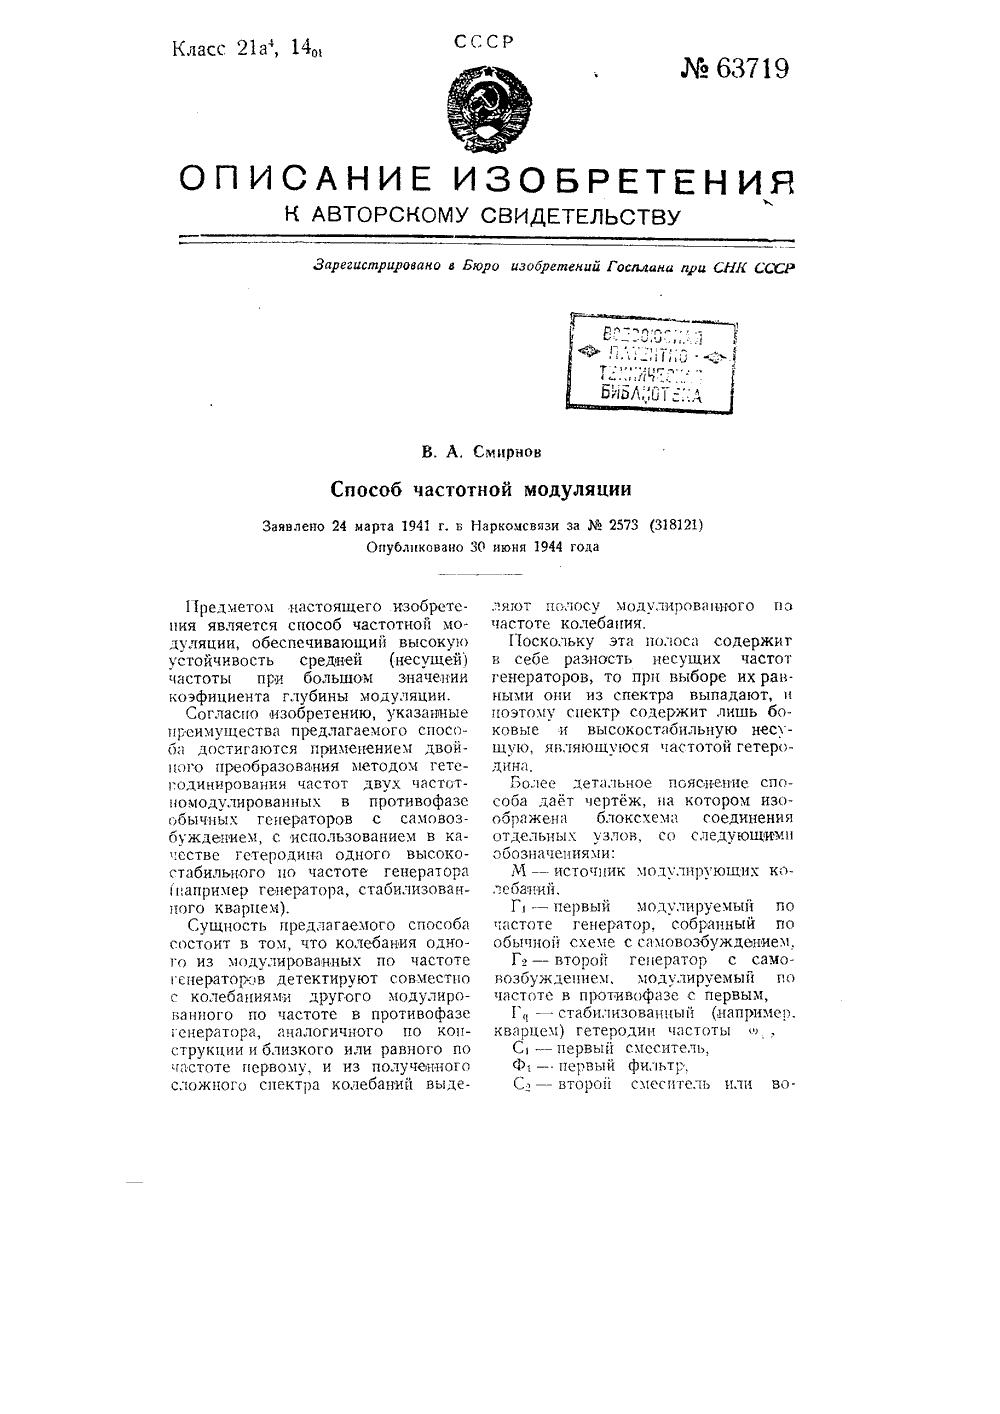 схема пентодной модуляции